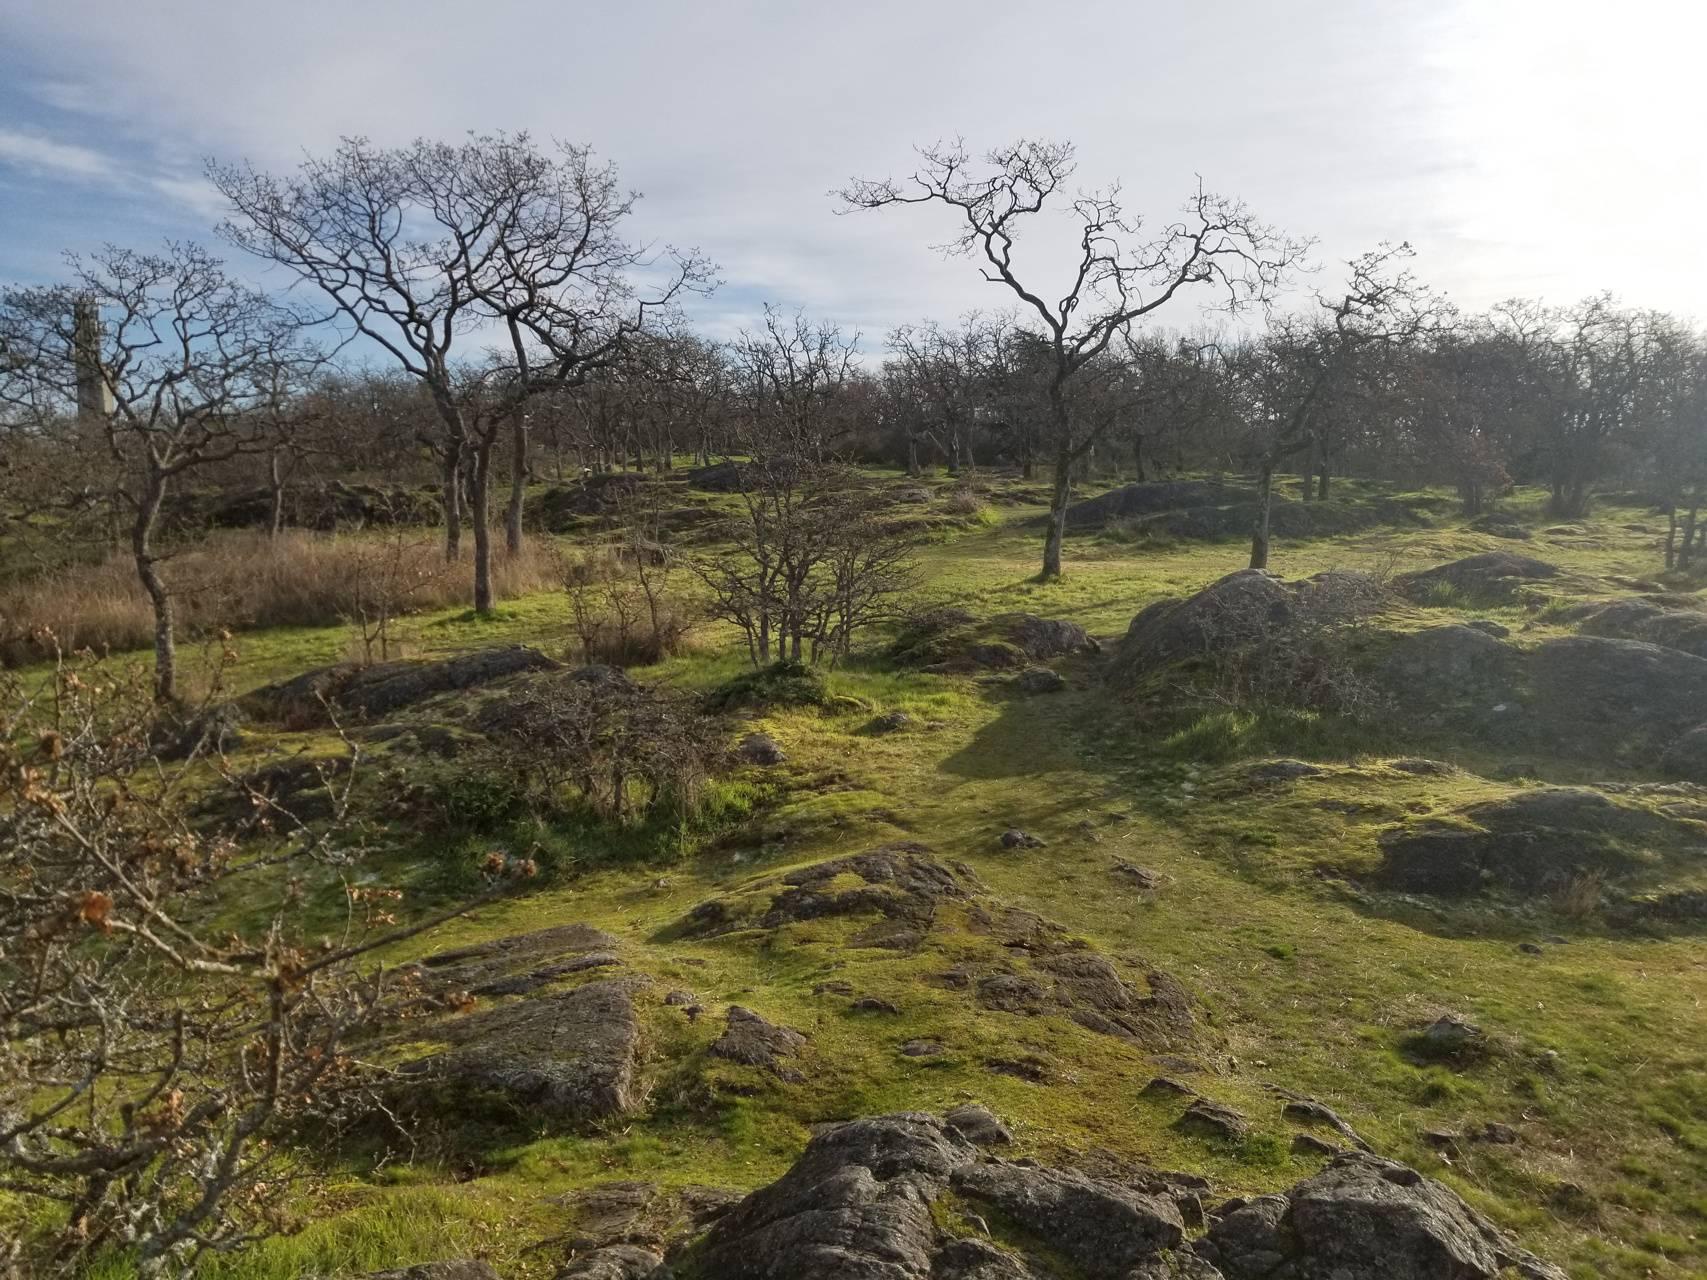 Dead oaks